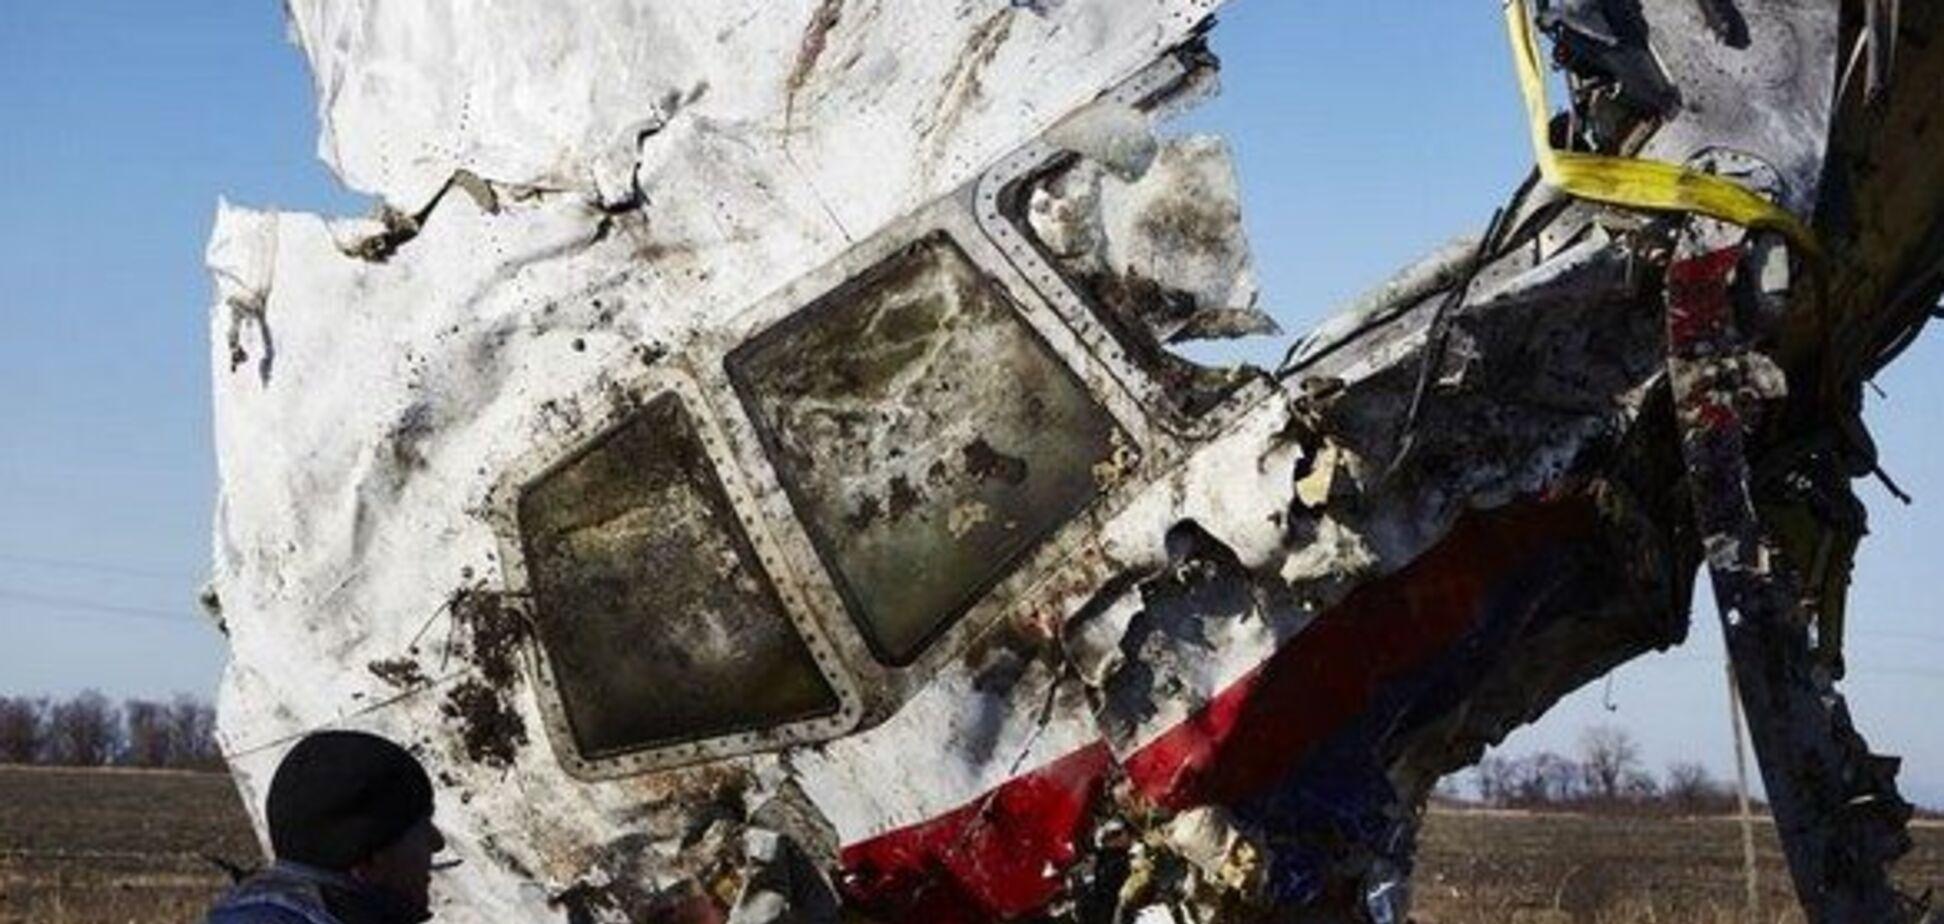 Российские СМИ разогнали циничный фейк о MH17: их разоблачили